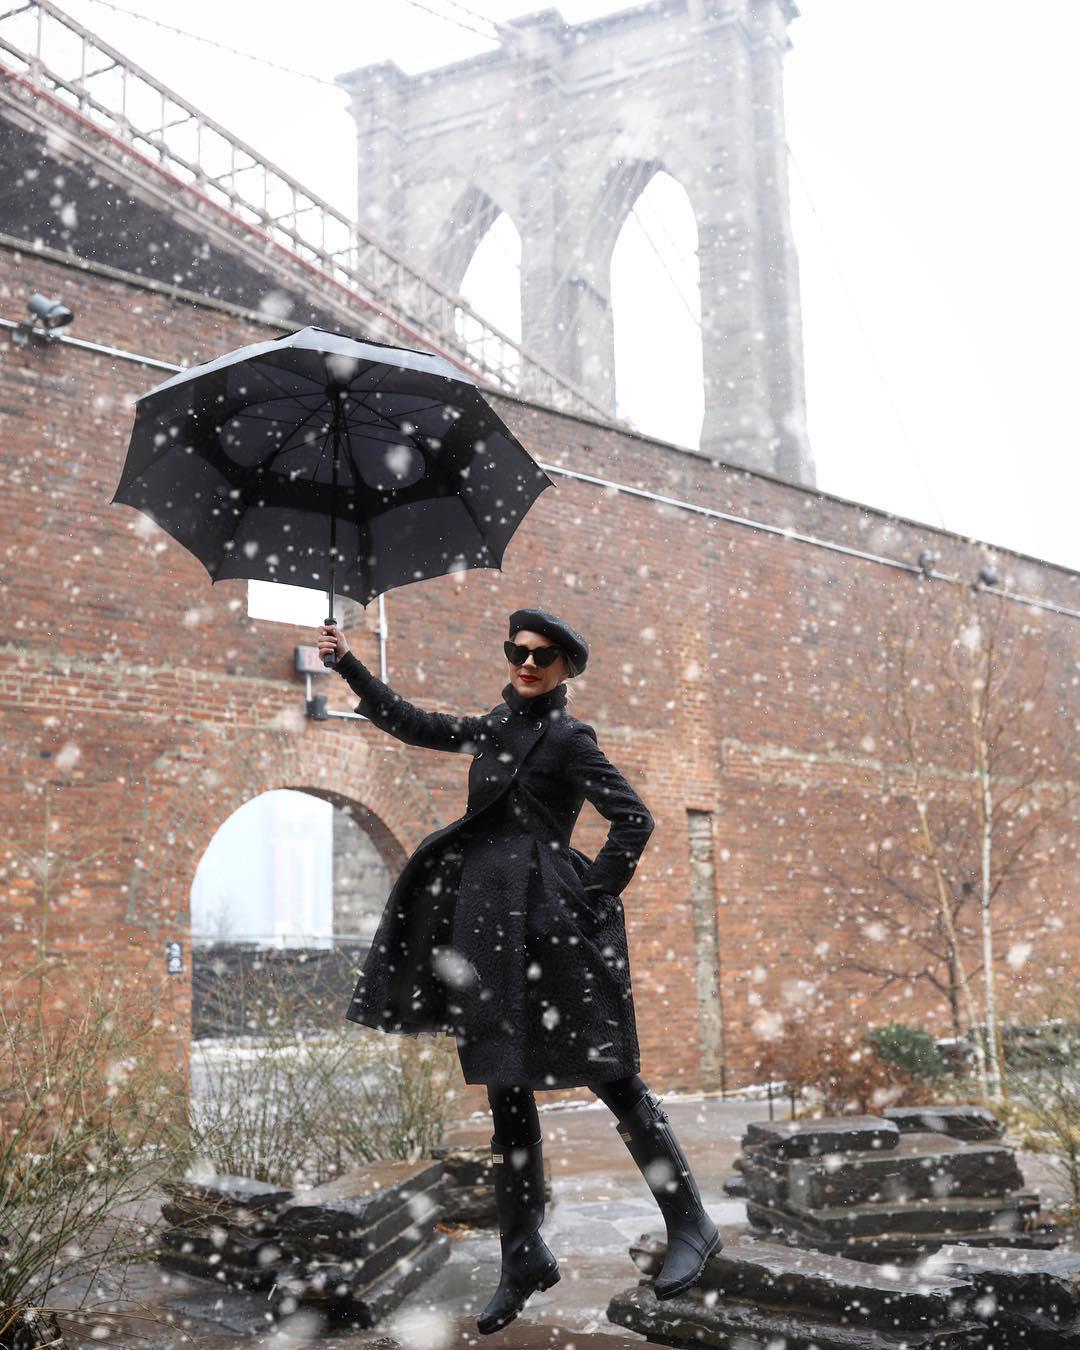 Тренд холодного сезона 2020 - пальто-годе. Новинки, варианты и лучшие образы мода,модный обзор,образ,осень-зима 2020,стиль,тренды